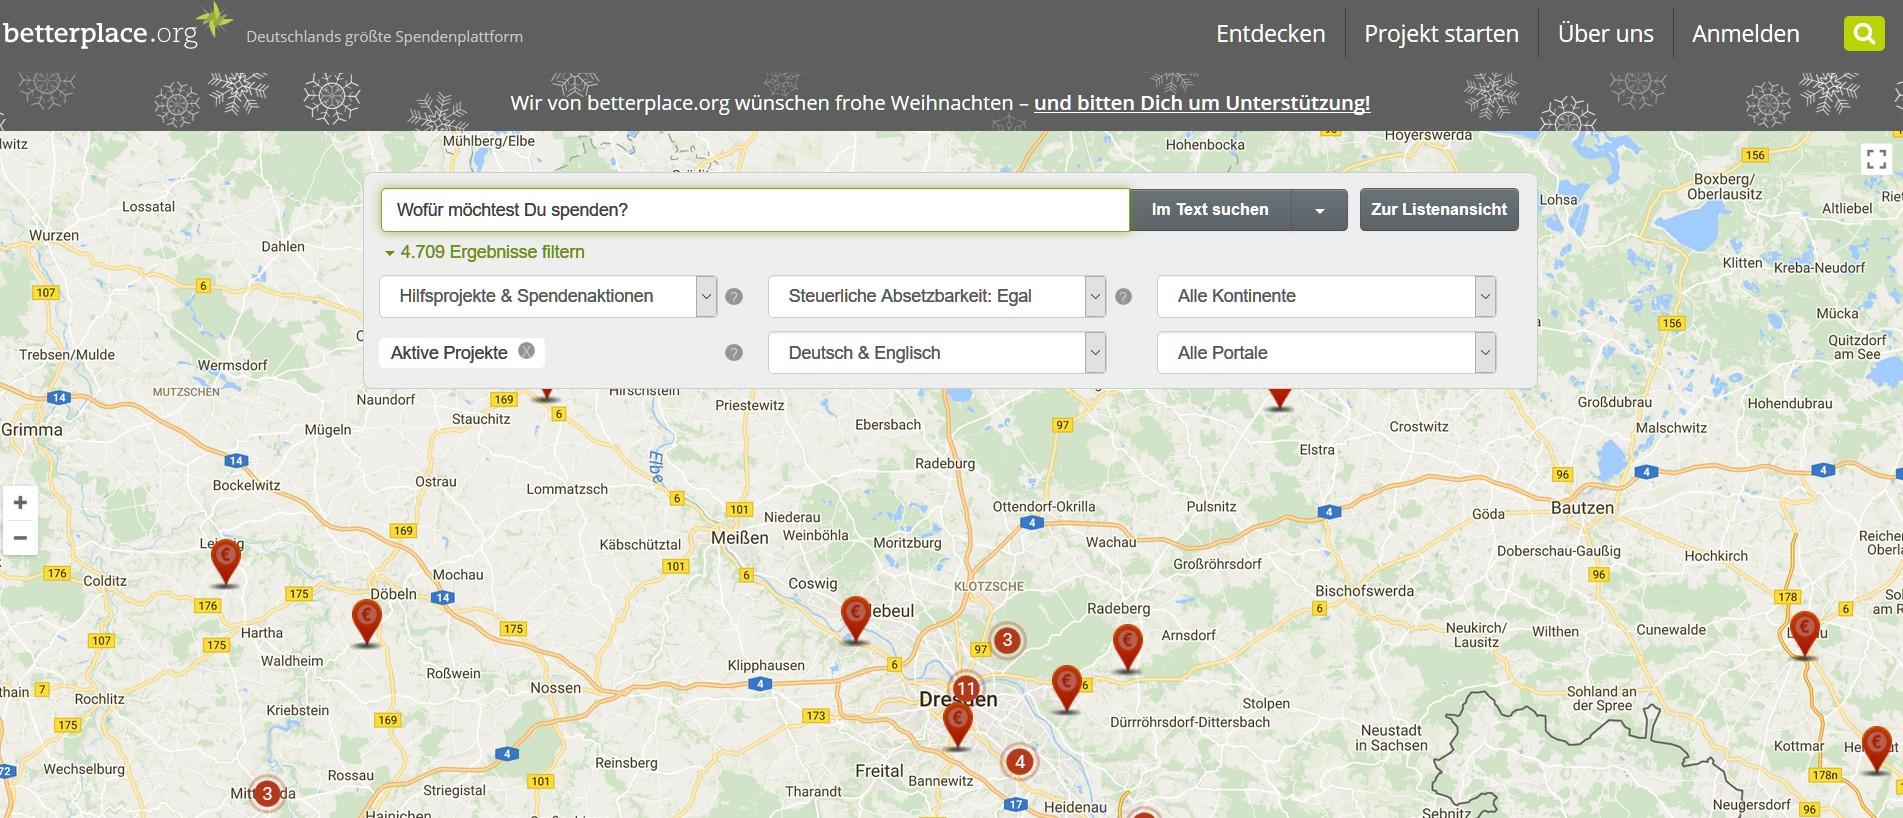 Auch lokale Projekte können direkt unterstützt werden. (Foto: Betterplace.org)